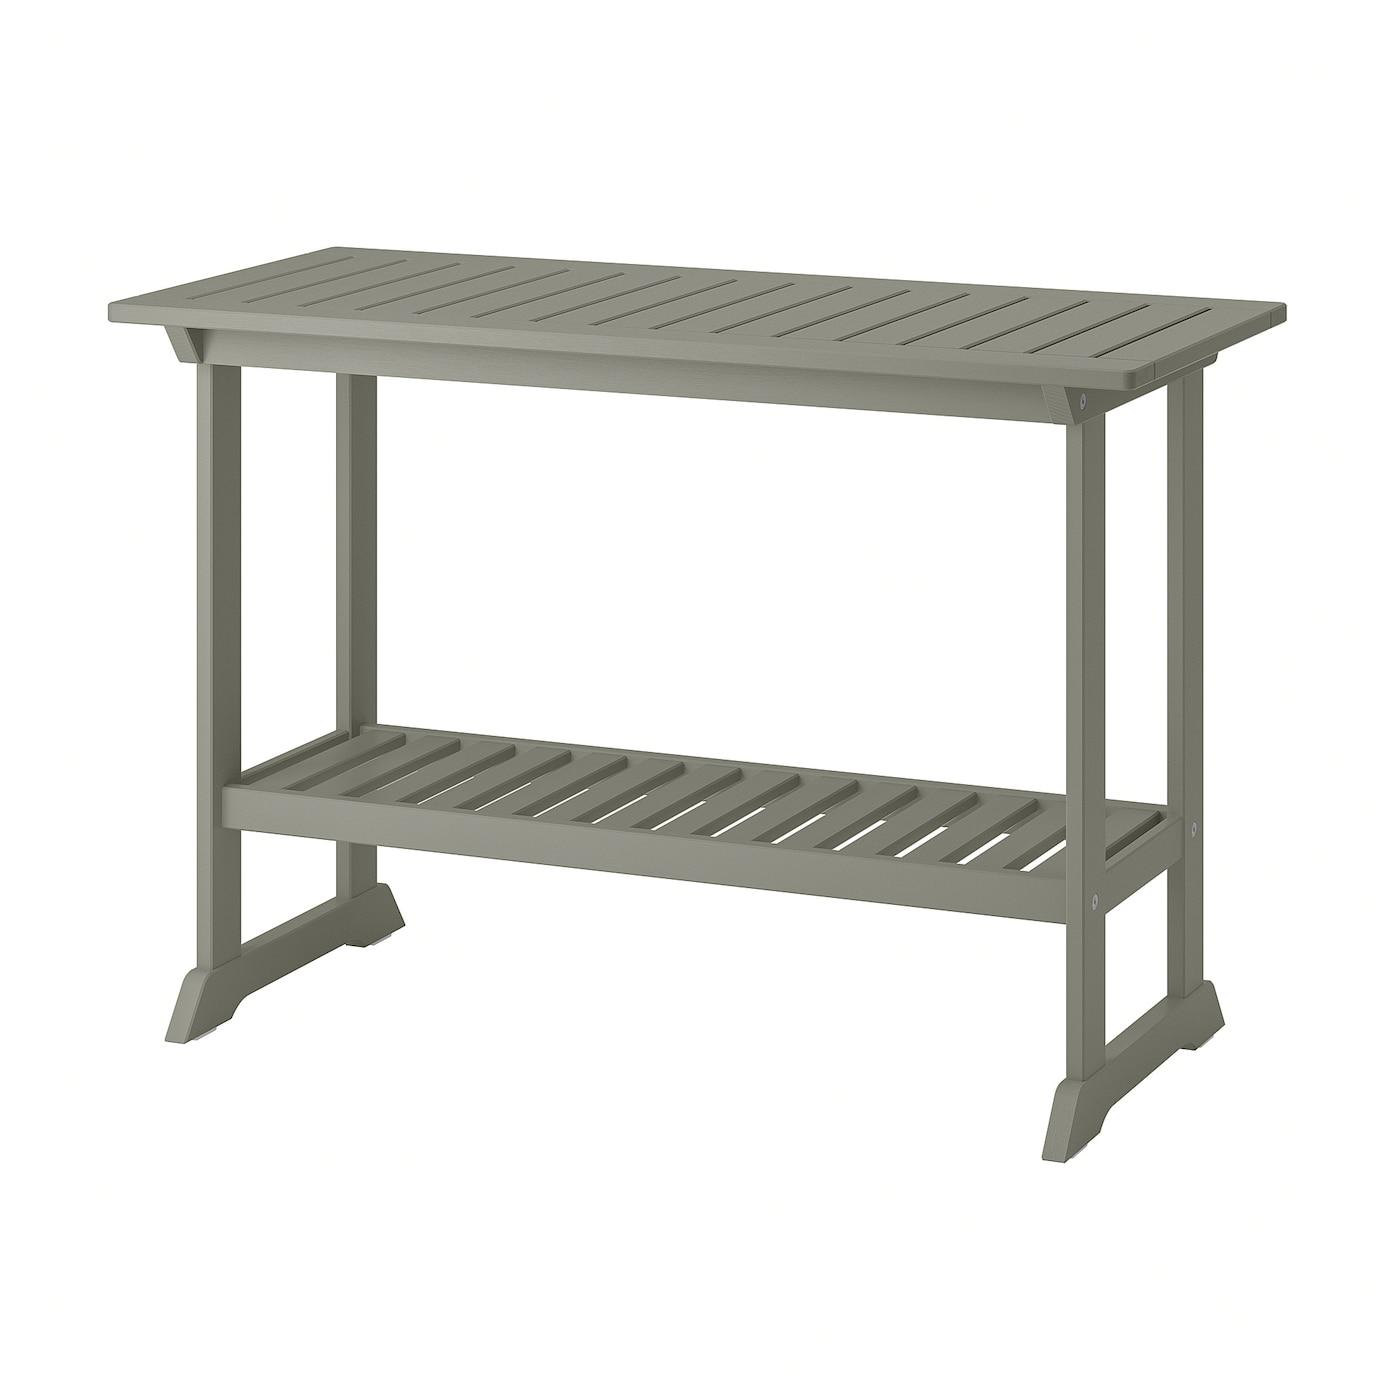 BONDHOLMEN Avlastningsbord, utomhus, grå, 111x46 cm